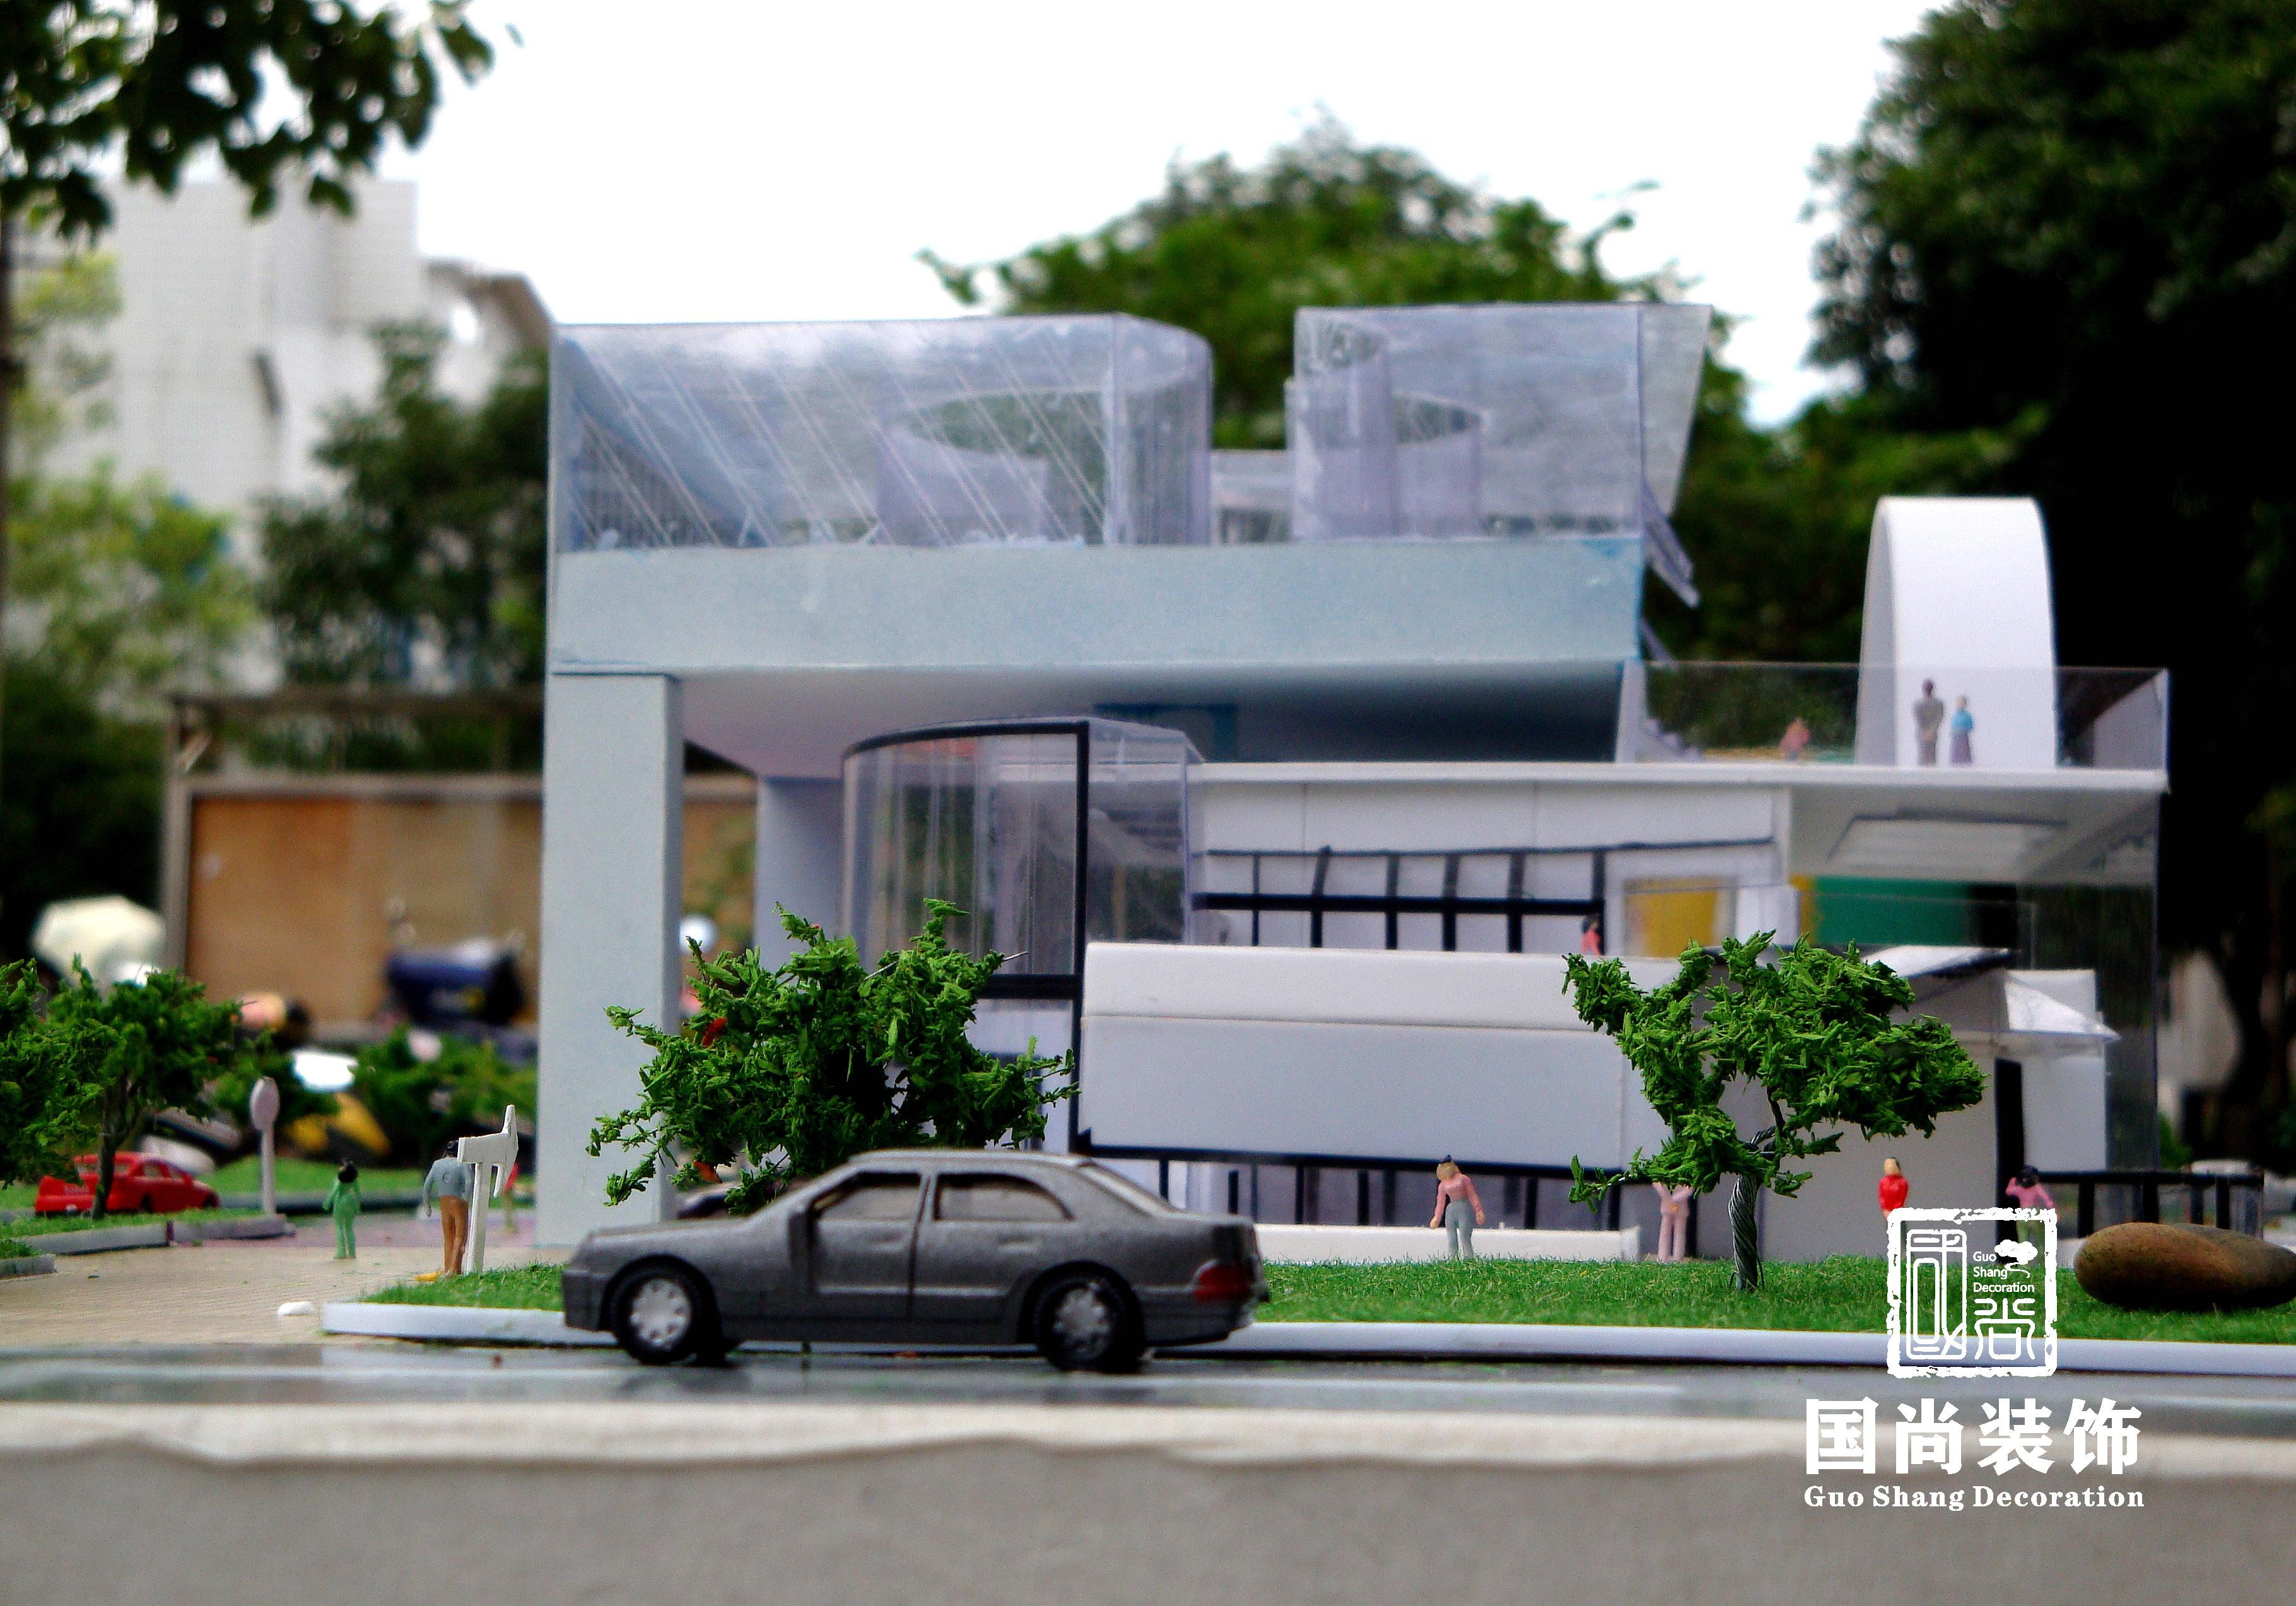 现代 空间 大自然 万物定律 透视图片来自额在建筑模型的分享